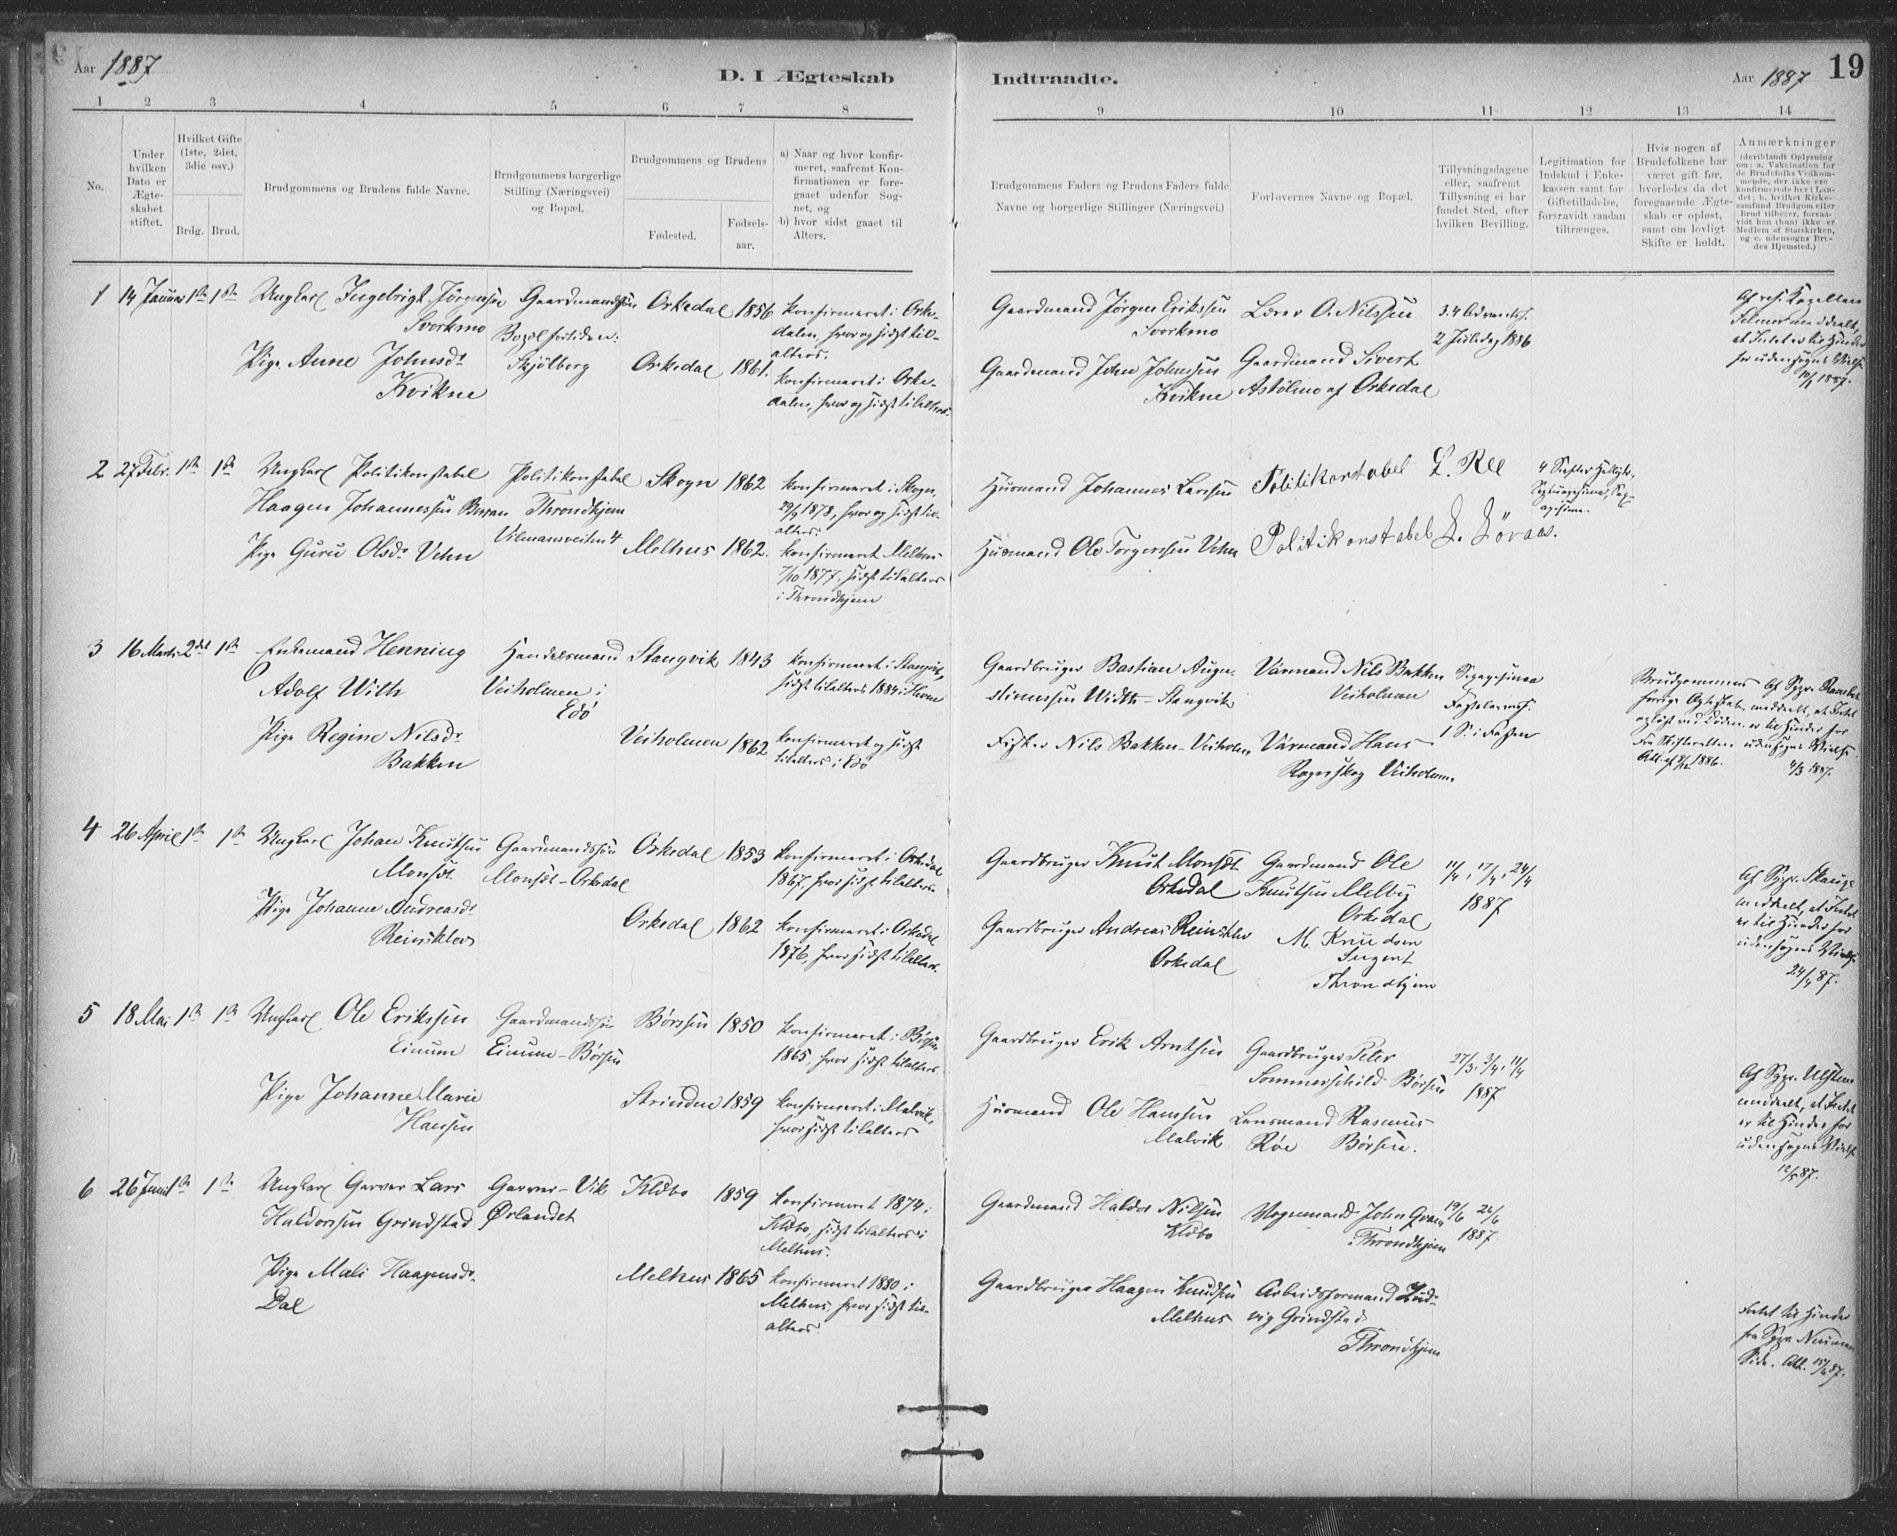 SAT, Ministerialprotokoller, klokkerbøker og fødselsregistre - Sør-Trøndelag, 623/L0470: Ministerialbok nr. 623A04, 1884-1938, s. 19